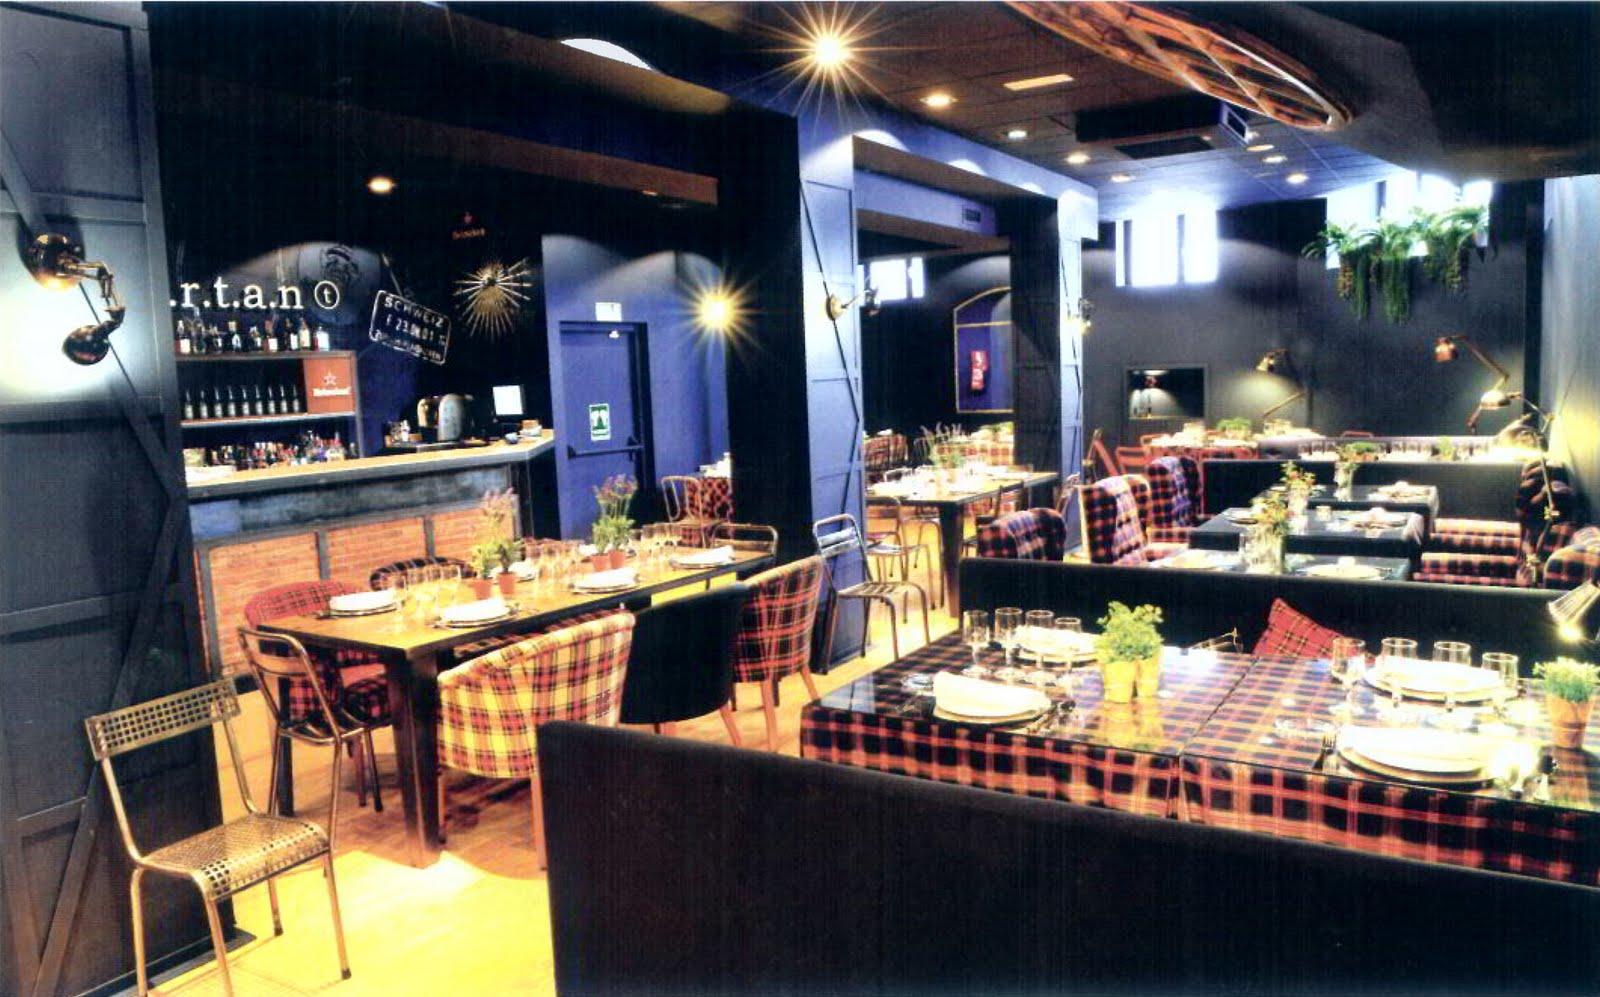 un restaurante llamado T.A.R.T.A.N.  enero 2011Prensa un restaurente ... 5a5b1ddf7c19